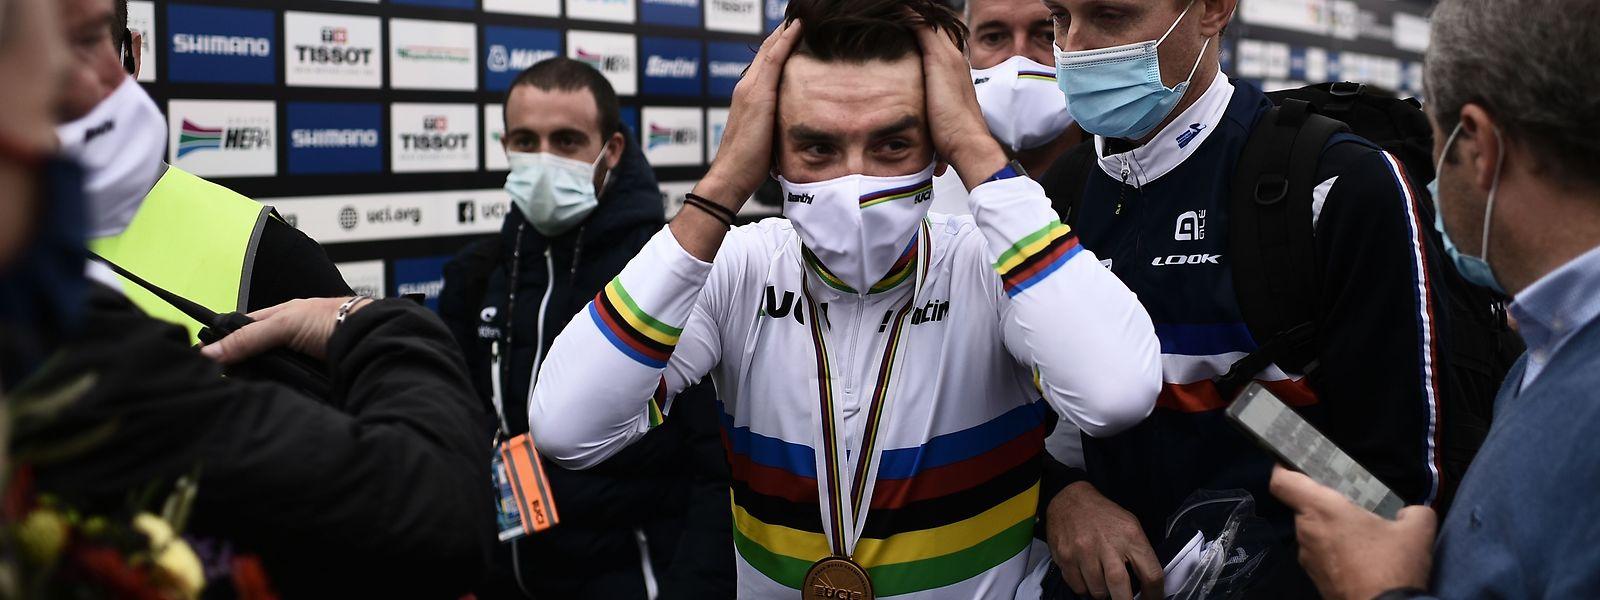 Julian Alaphilippe kann es nicht glauben. Er ist tatsächlich der neue Weltmeister.